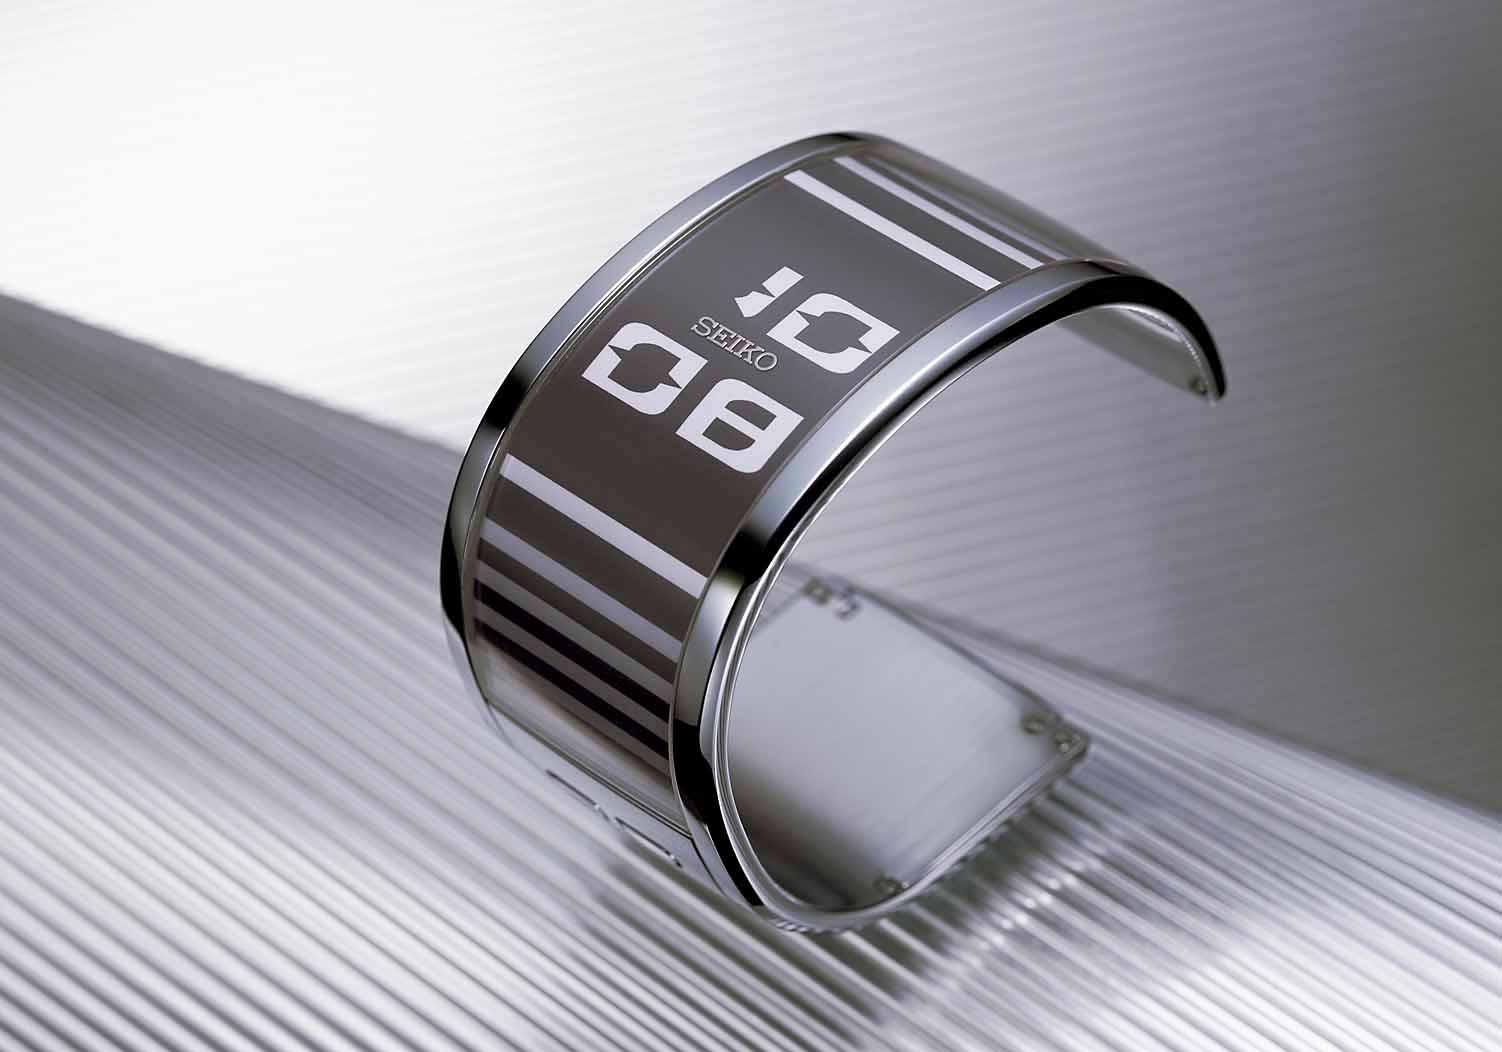 Relojes que utilizan tecnología